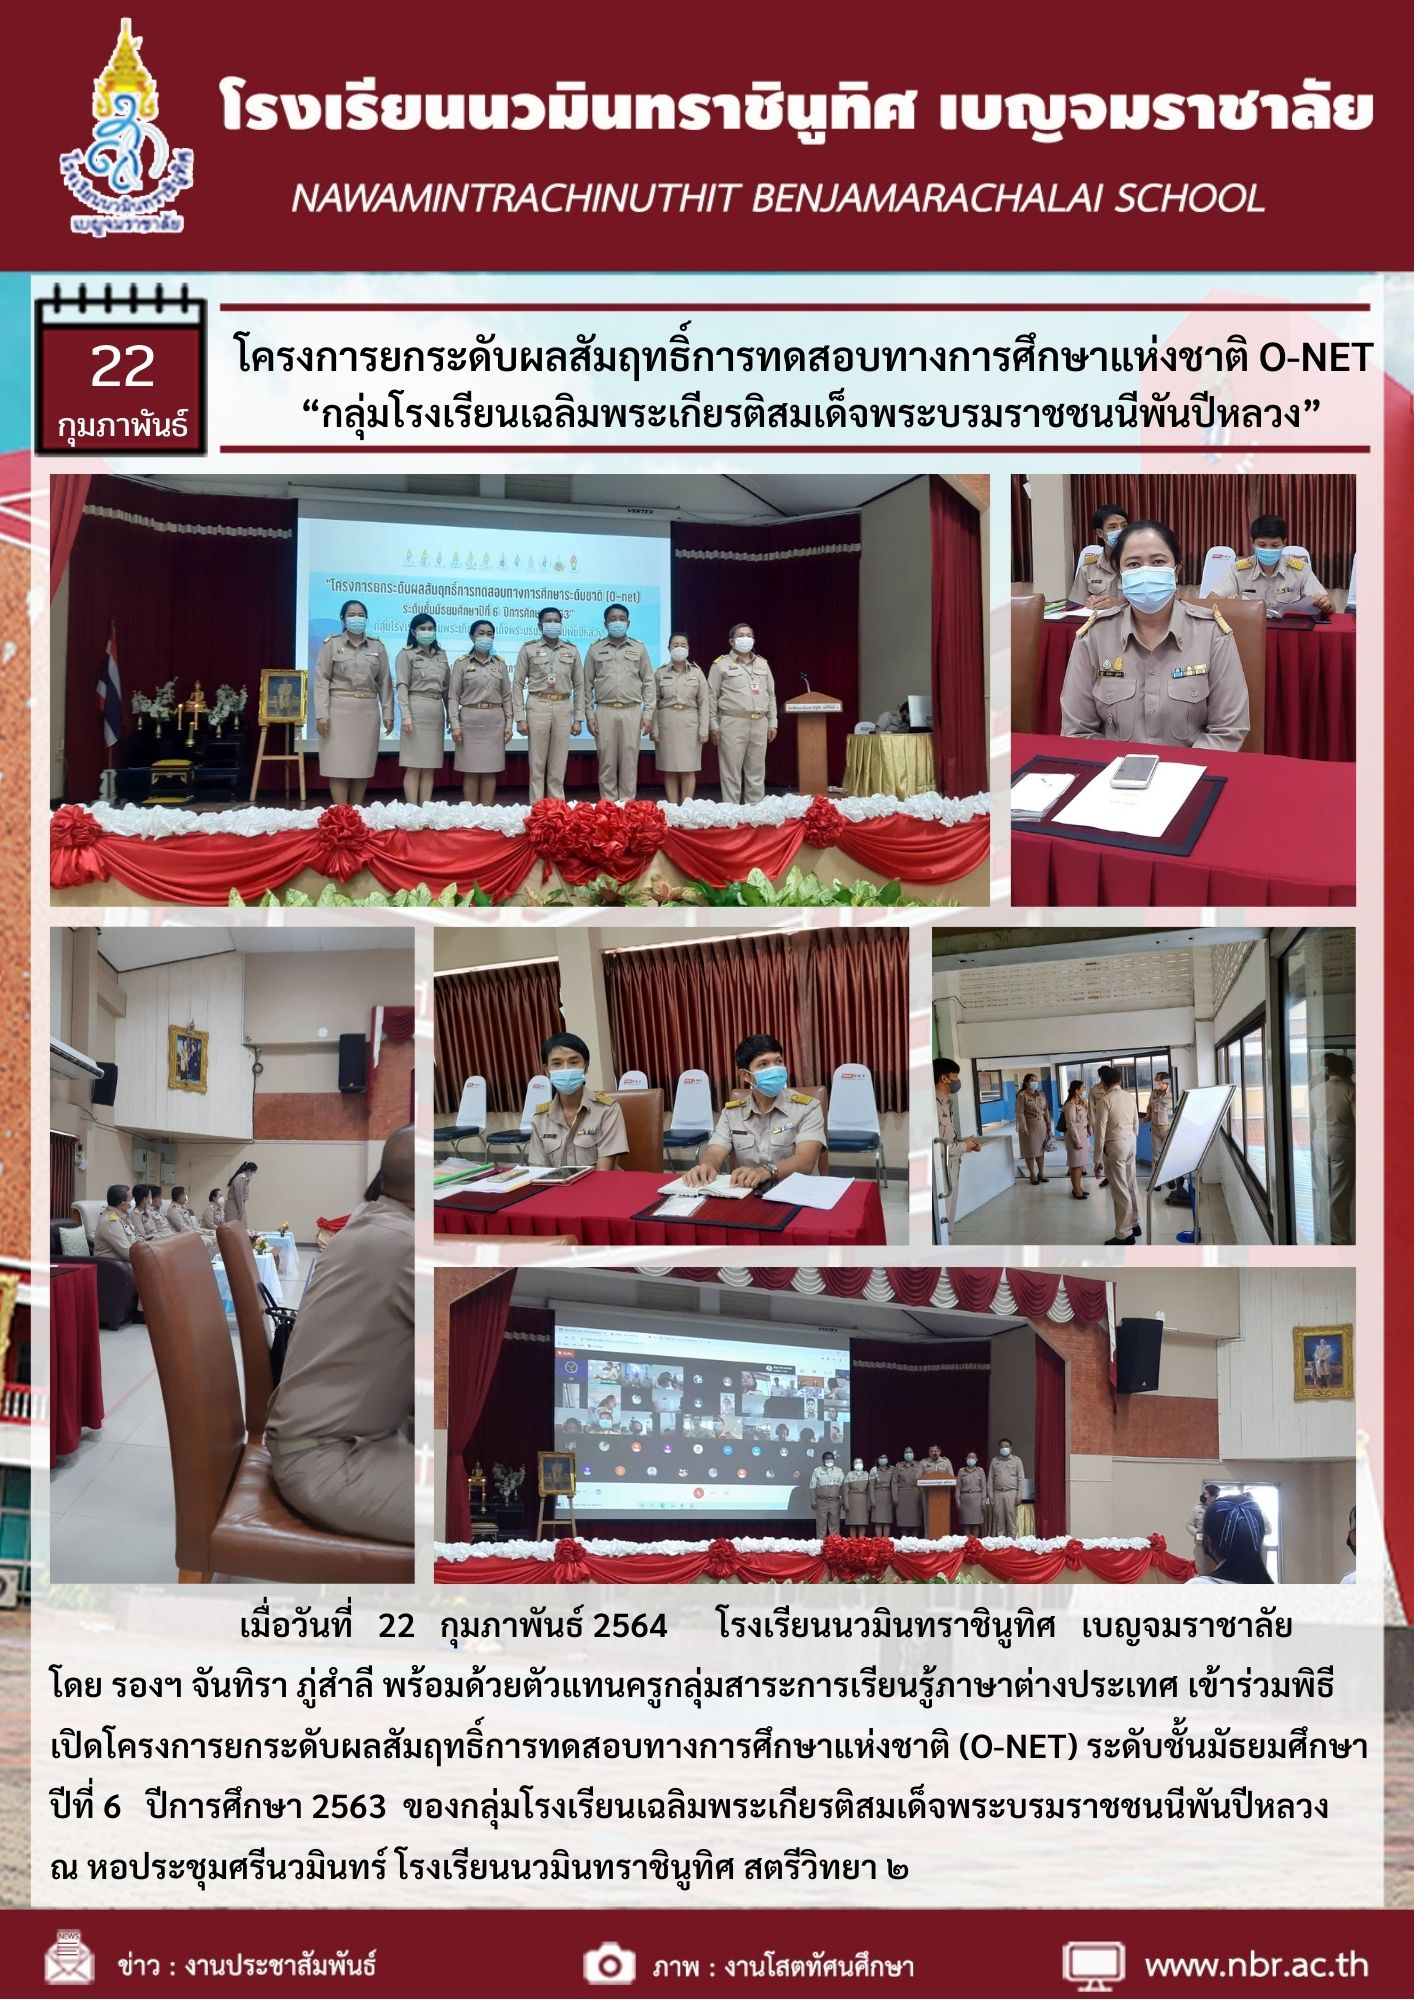 โครงการยกระดับผลสัมฤทธิ์การทดสอบทางการศึกษาแห่งชาติ (O-NET)